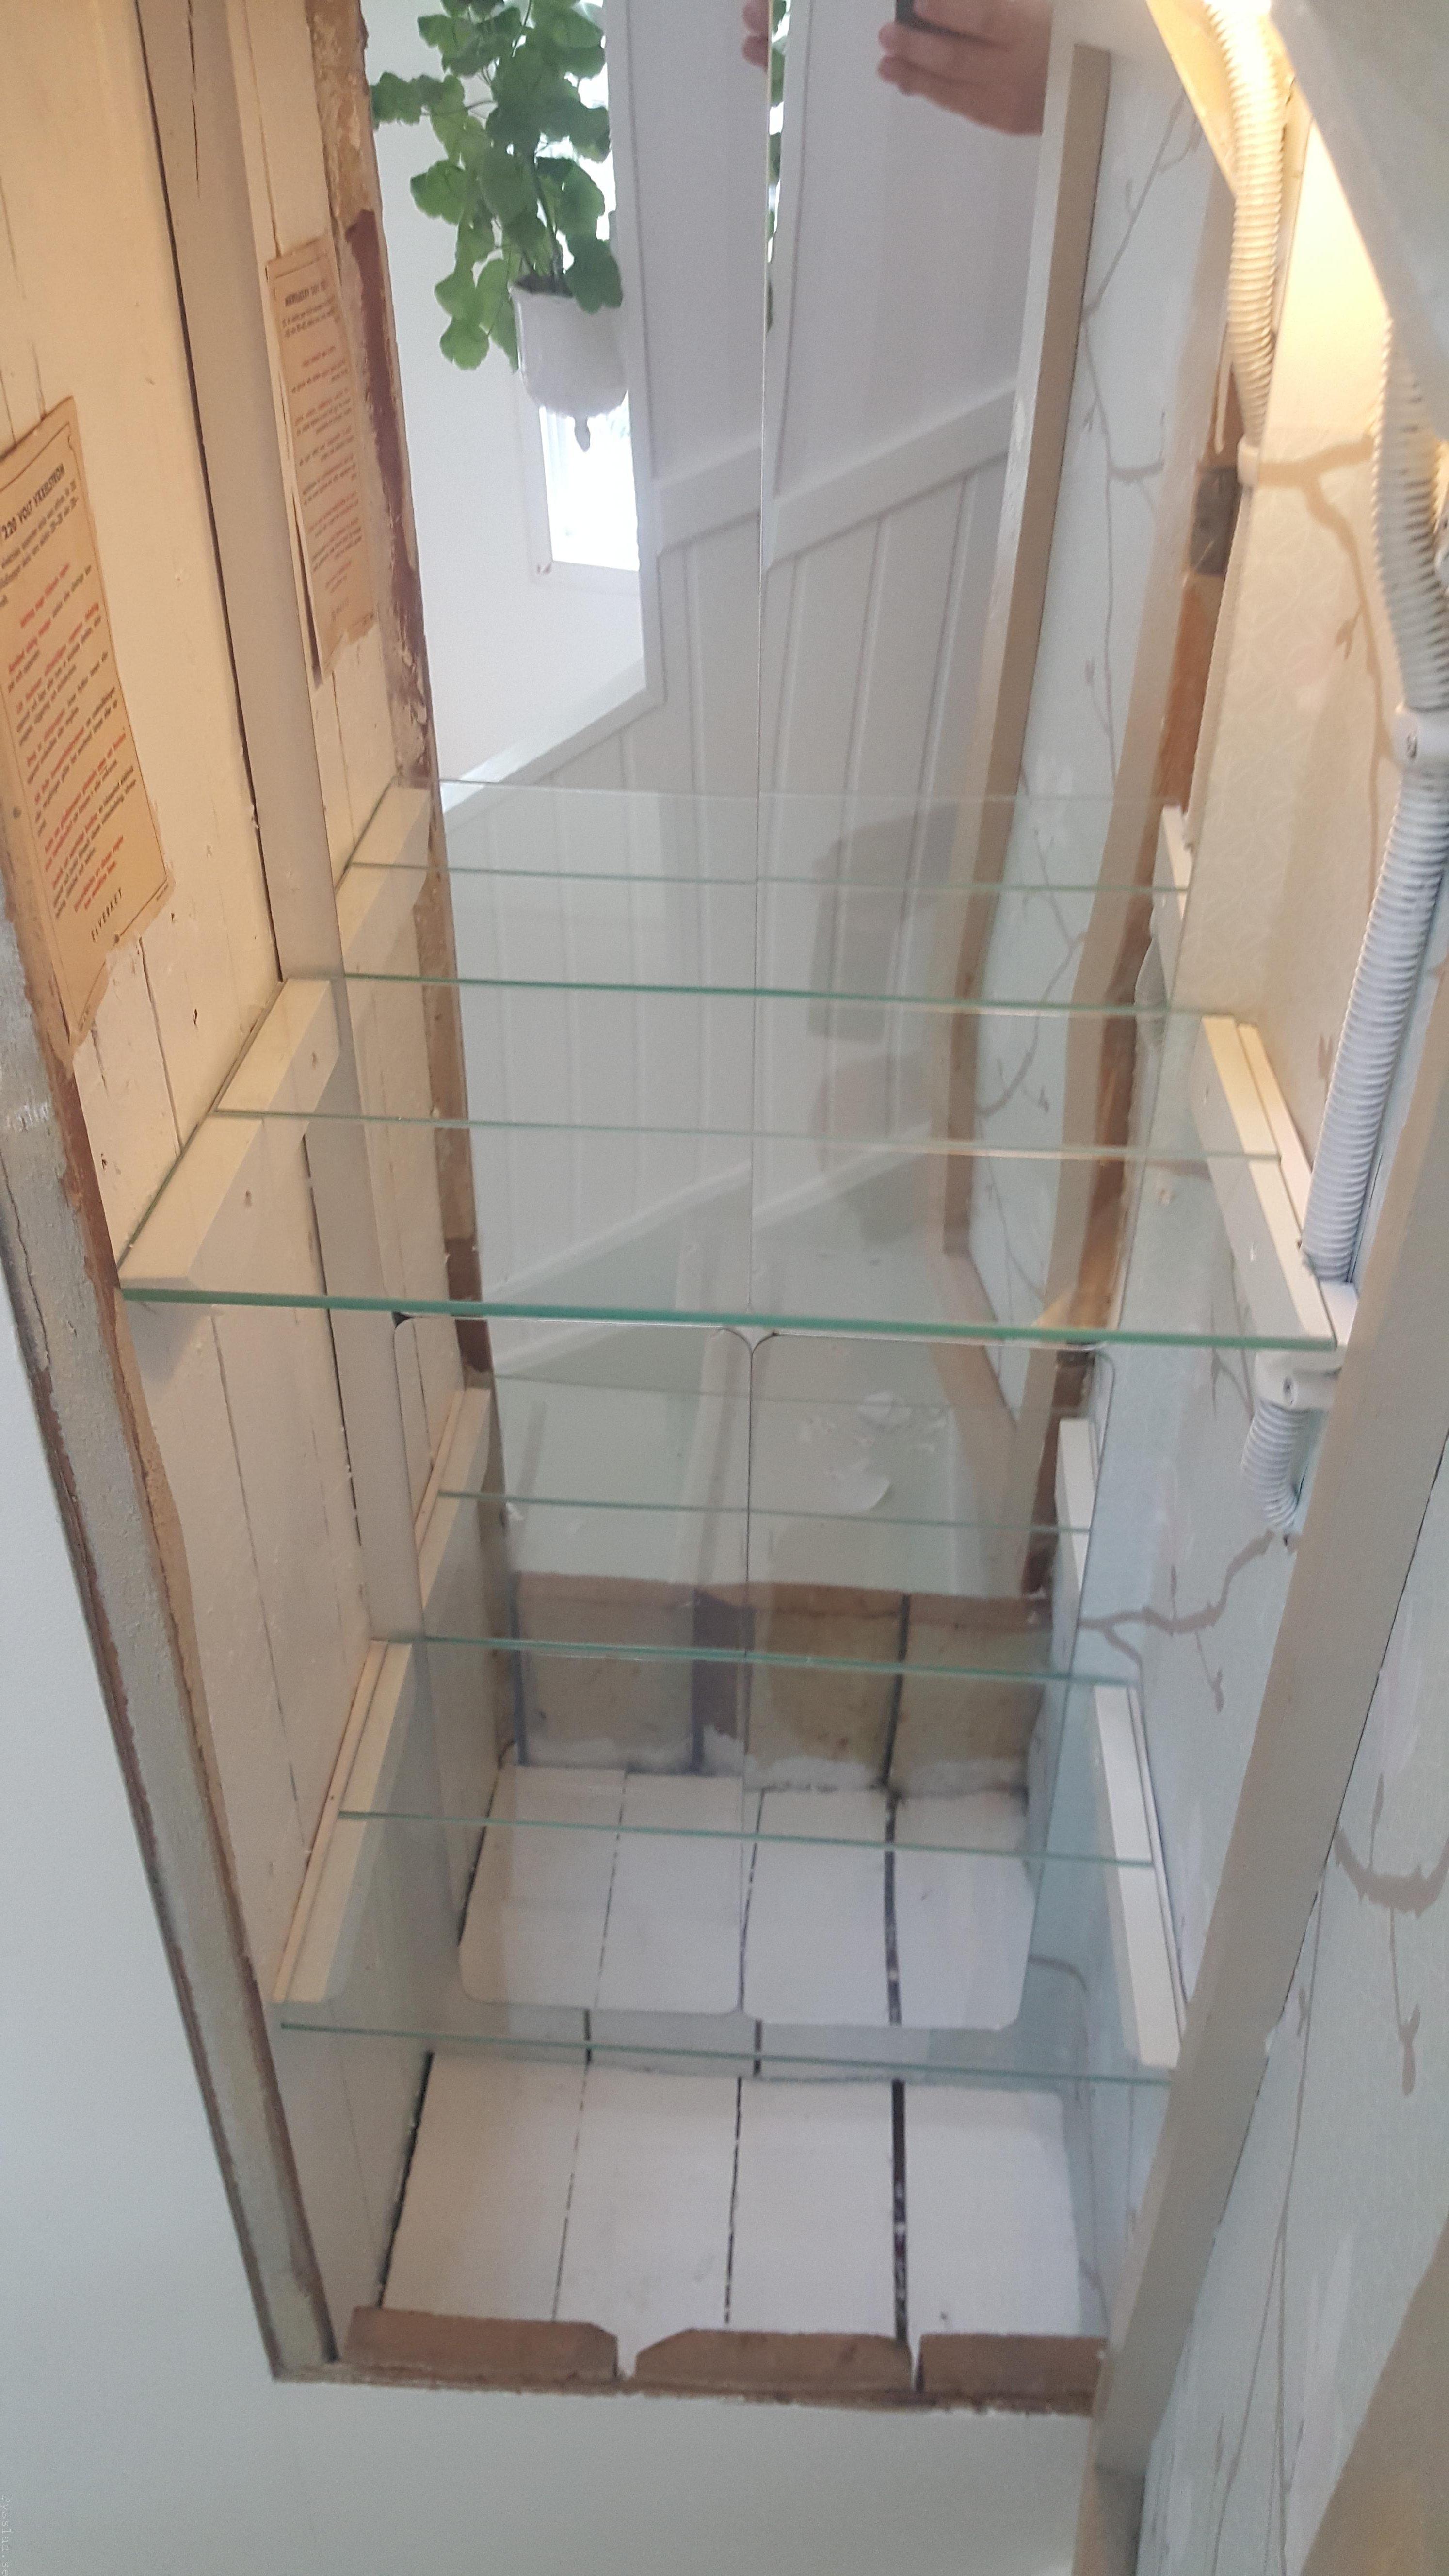 Förvaring under trapp elskåp spritskåp grön villasmultronbacken pysslanblogg 20-tal 20-talsdröm gammal el ljusblå magnoliatapet glashyllplan färdig